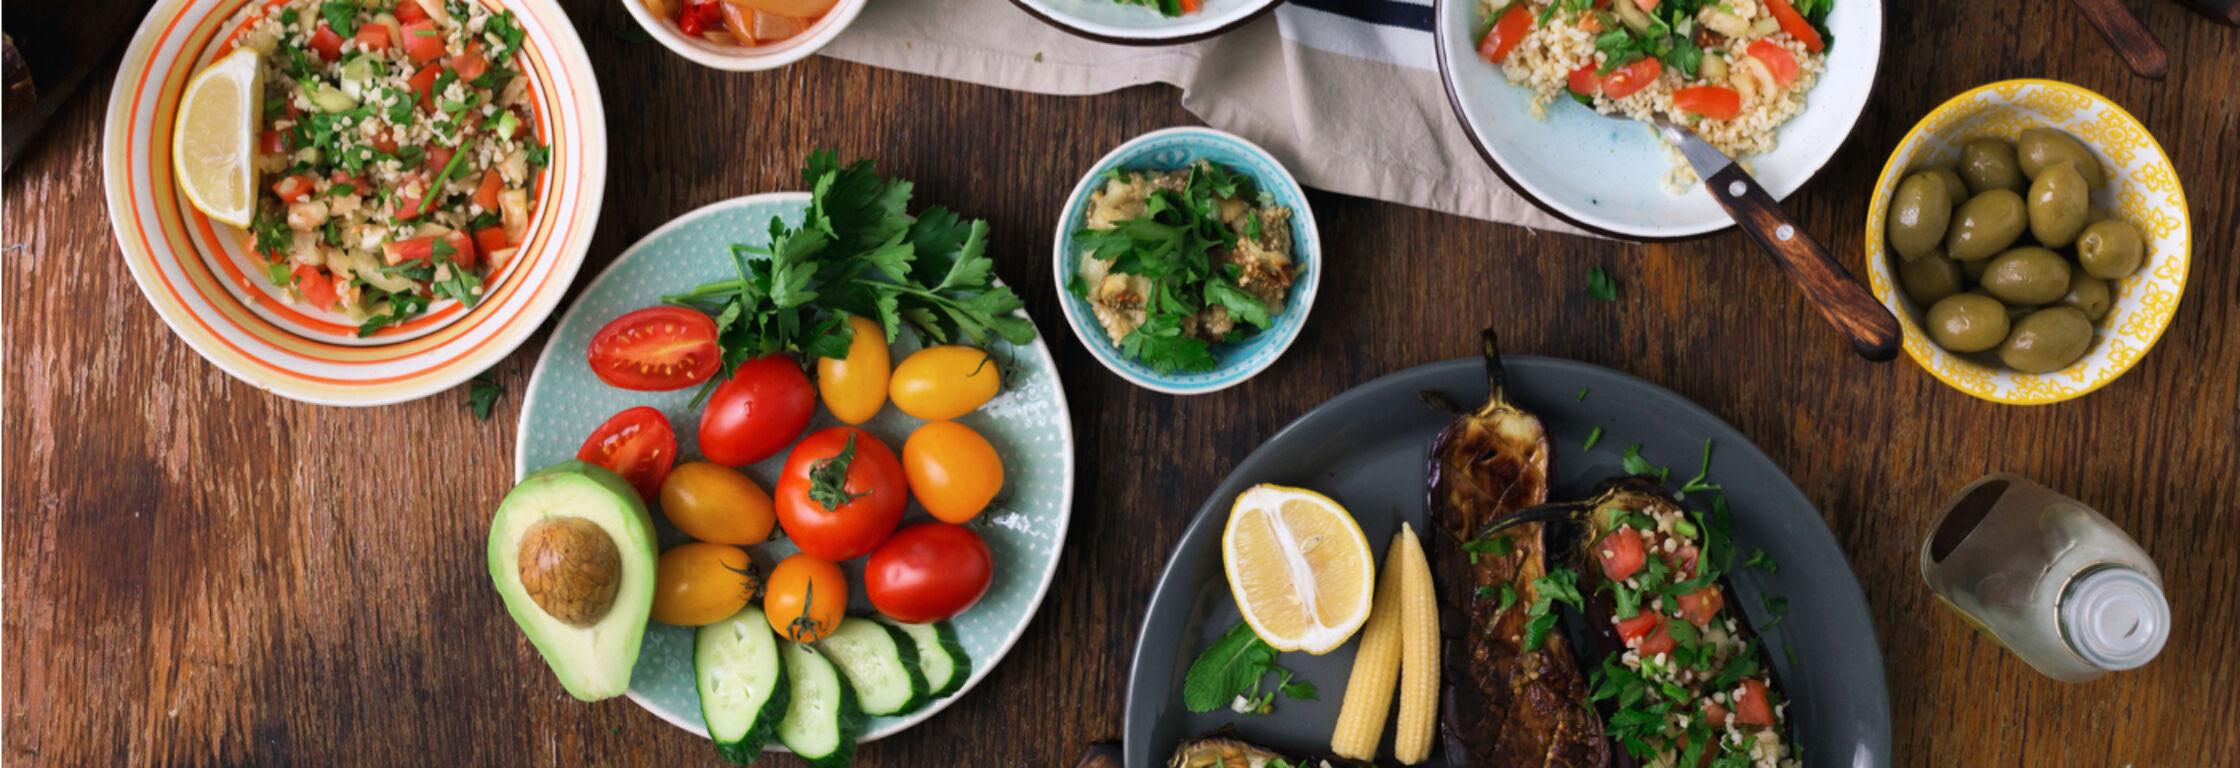 Voeding voor de vegetarische hardloper